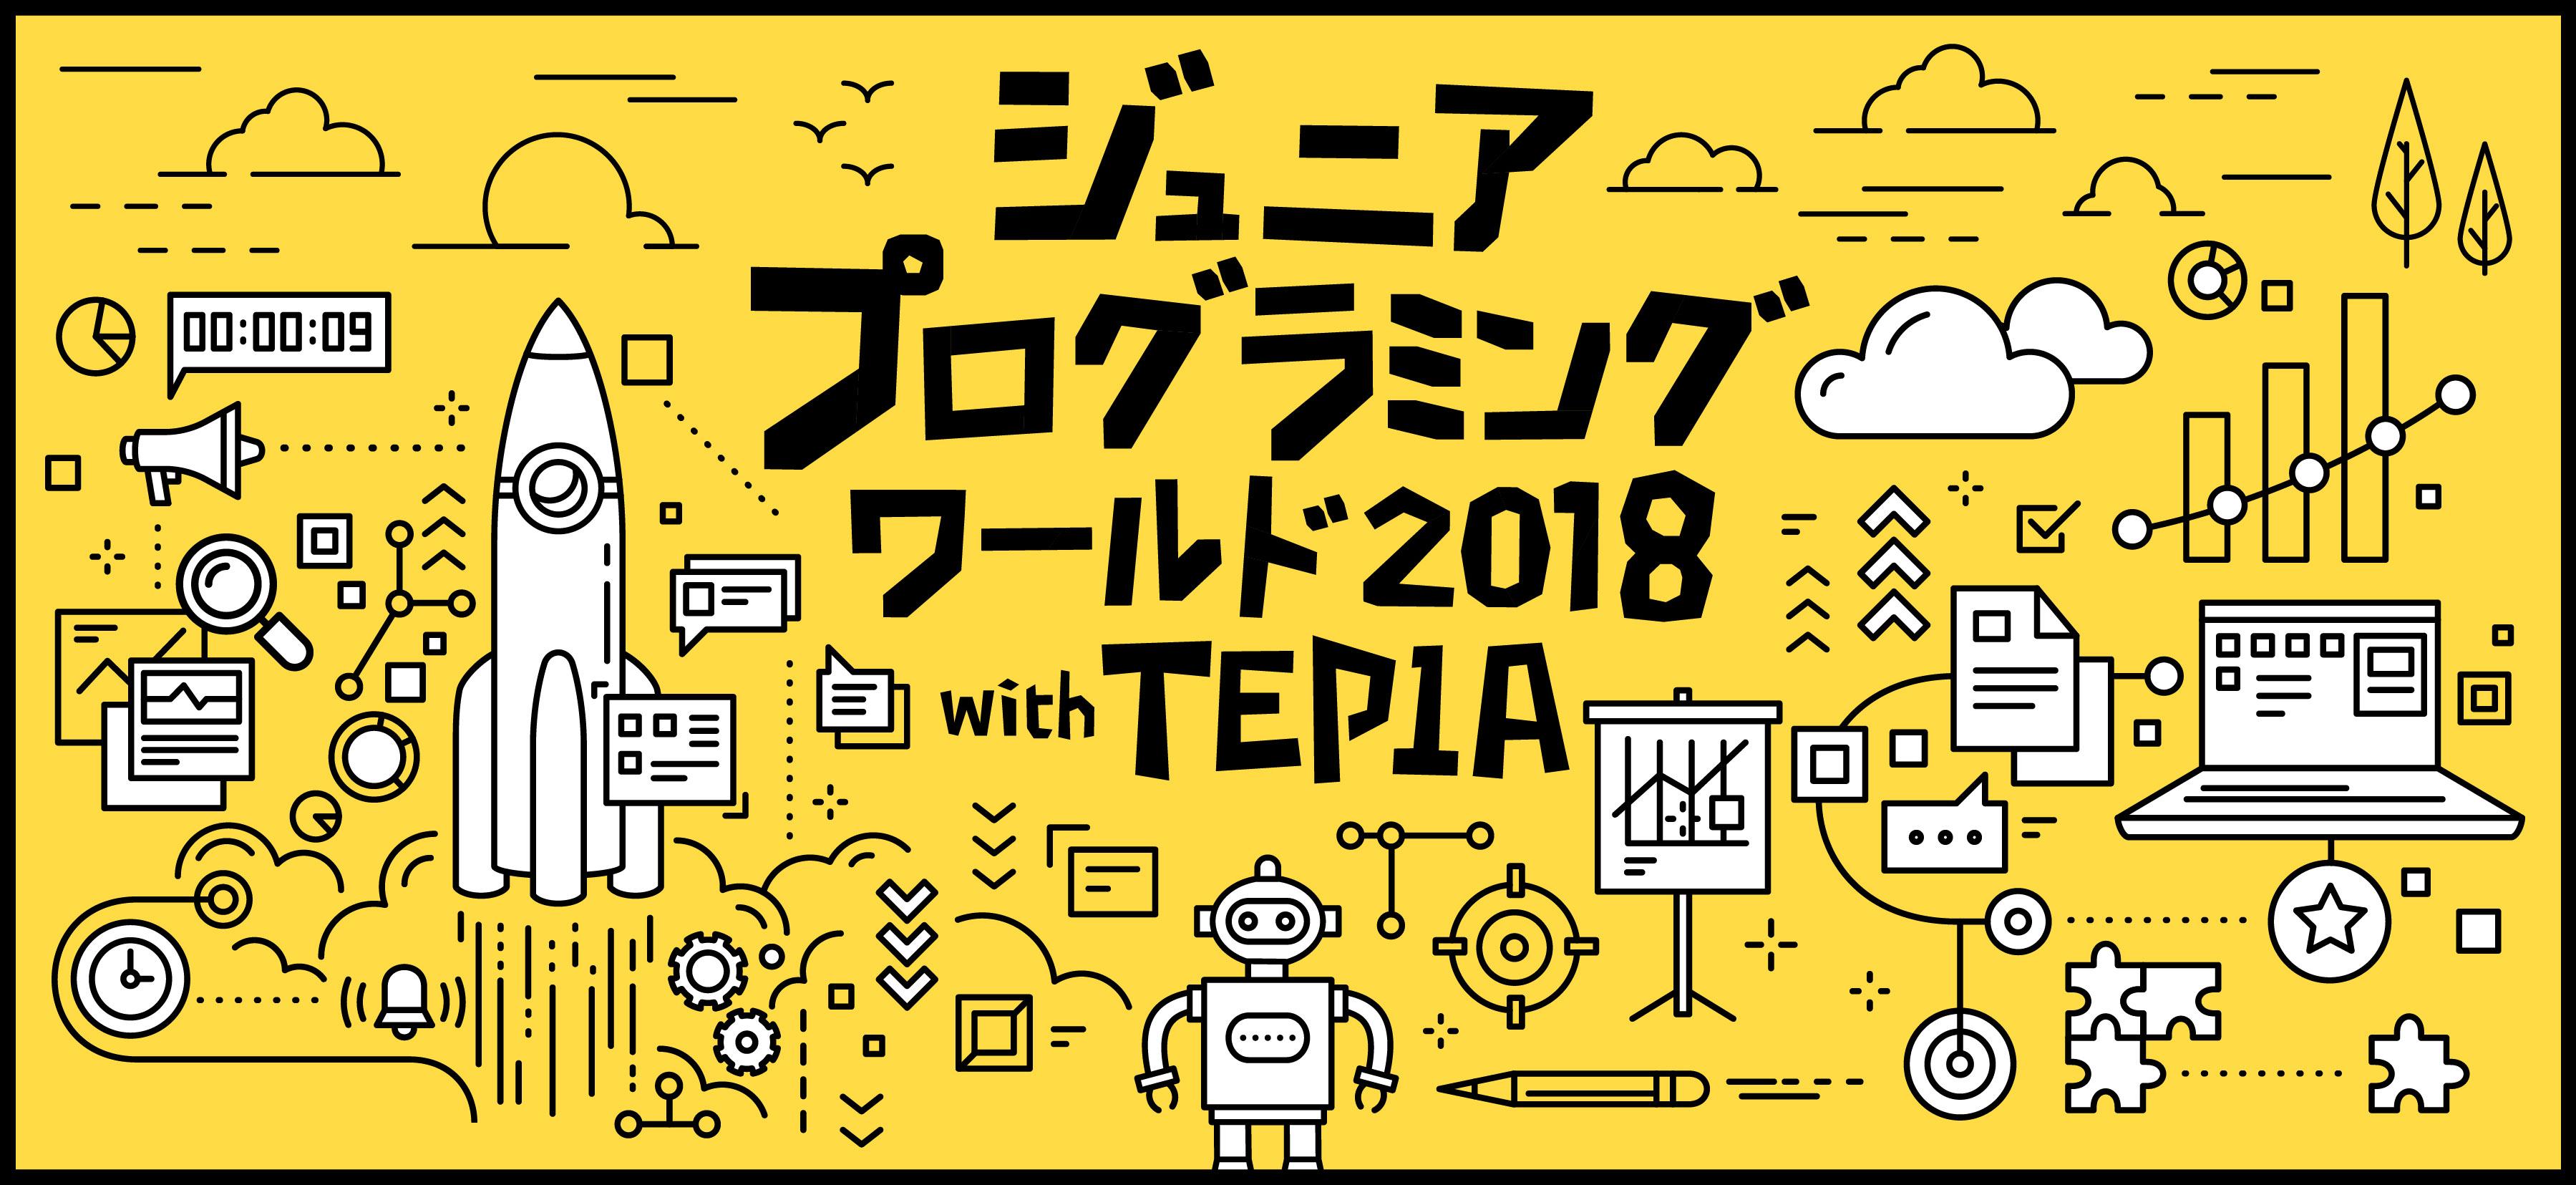 「ジュニア・プログラミング・ワールド 2018 with TEPIA」参加者募集!